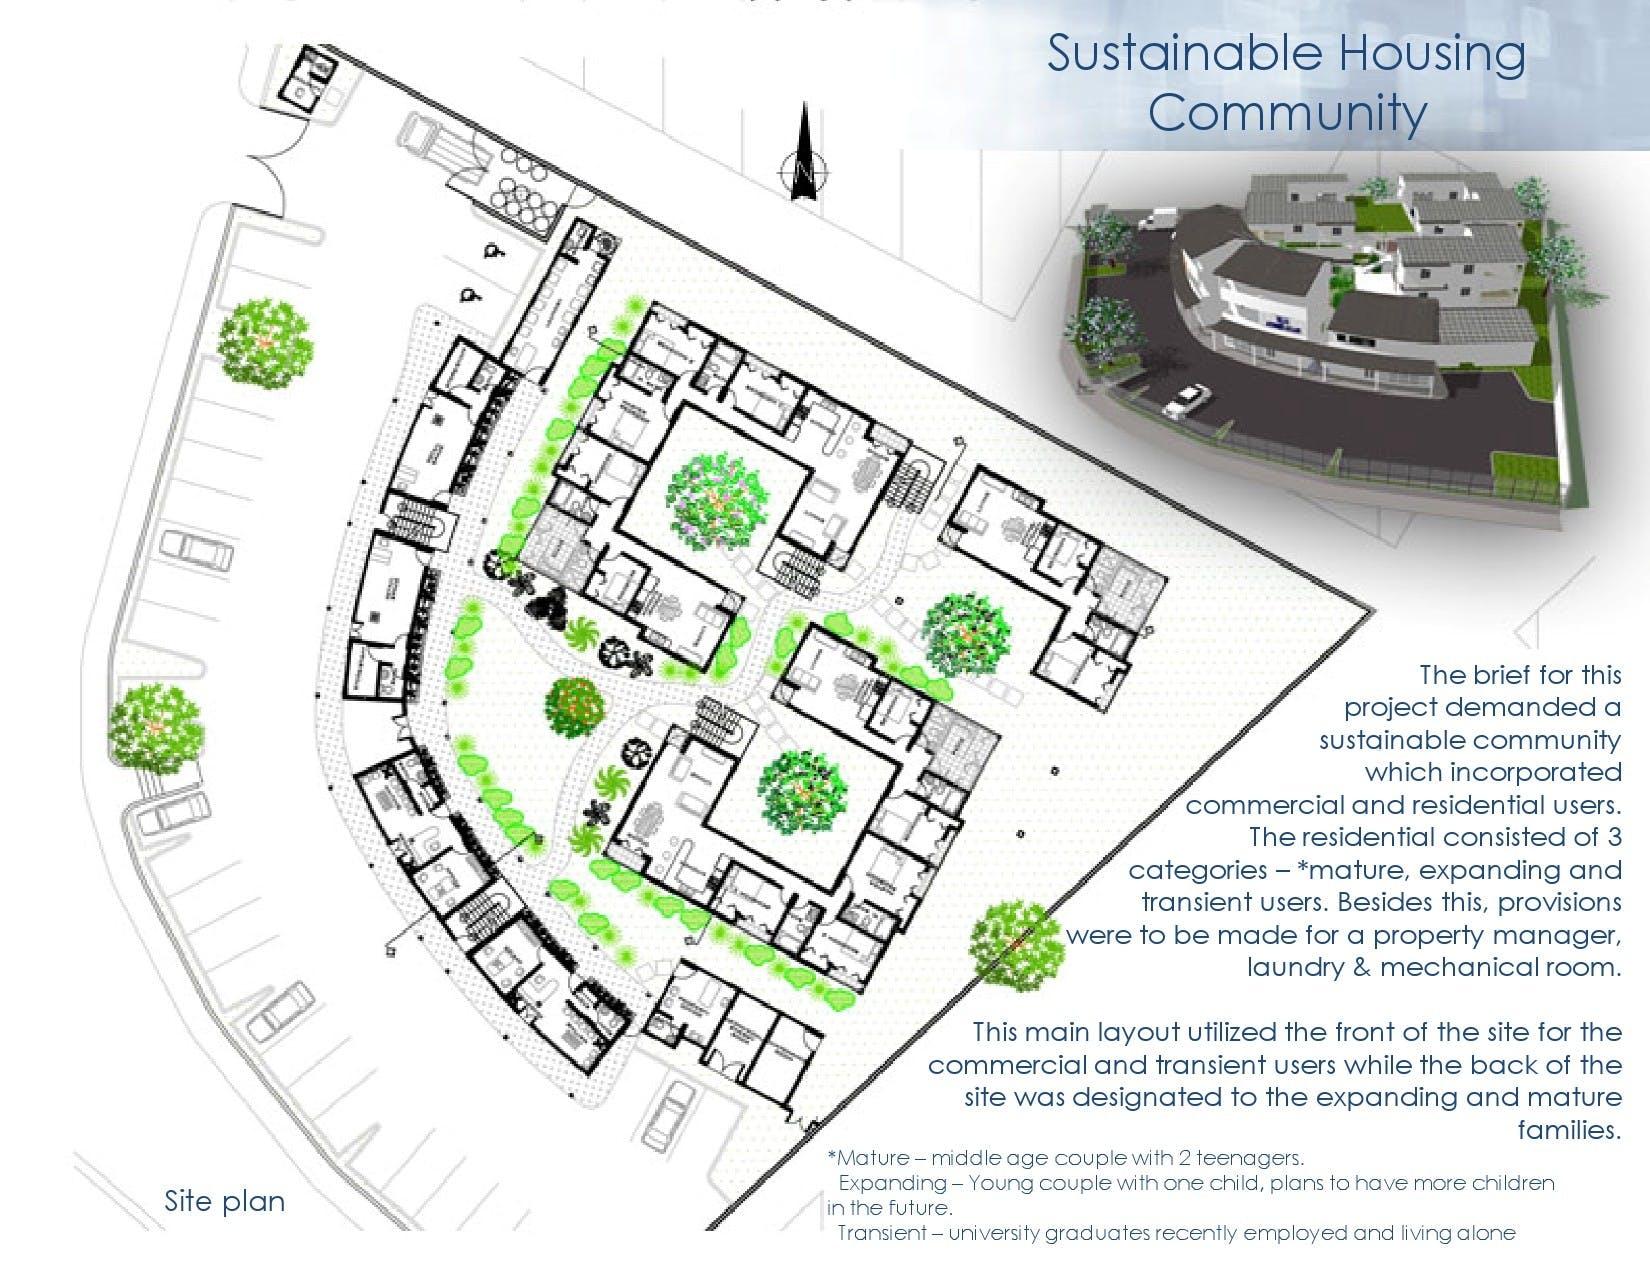 sustainable community housing